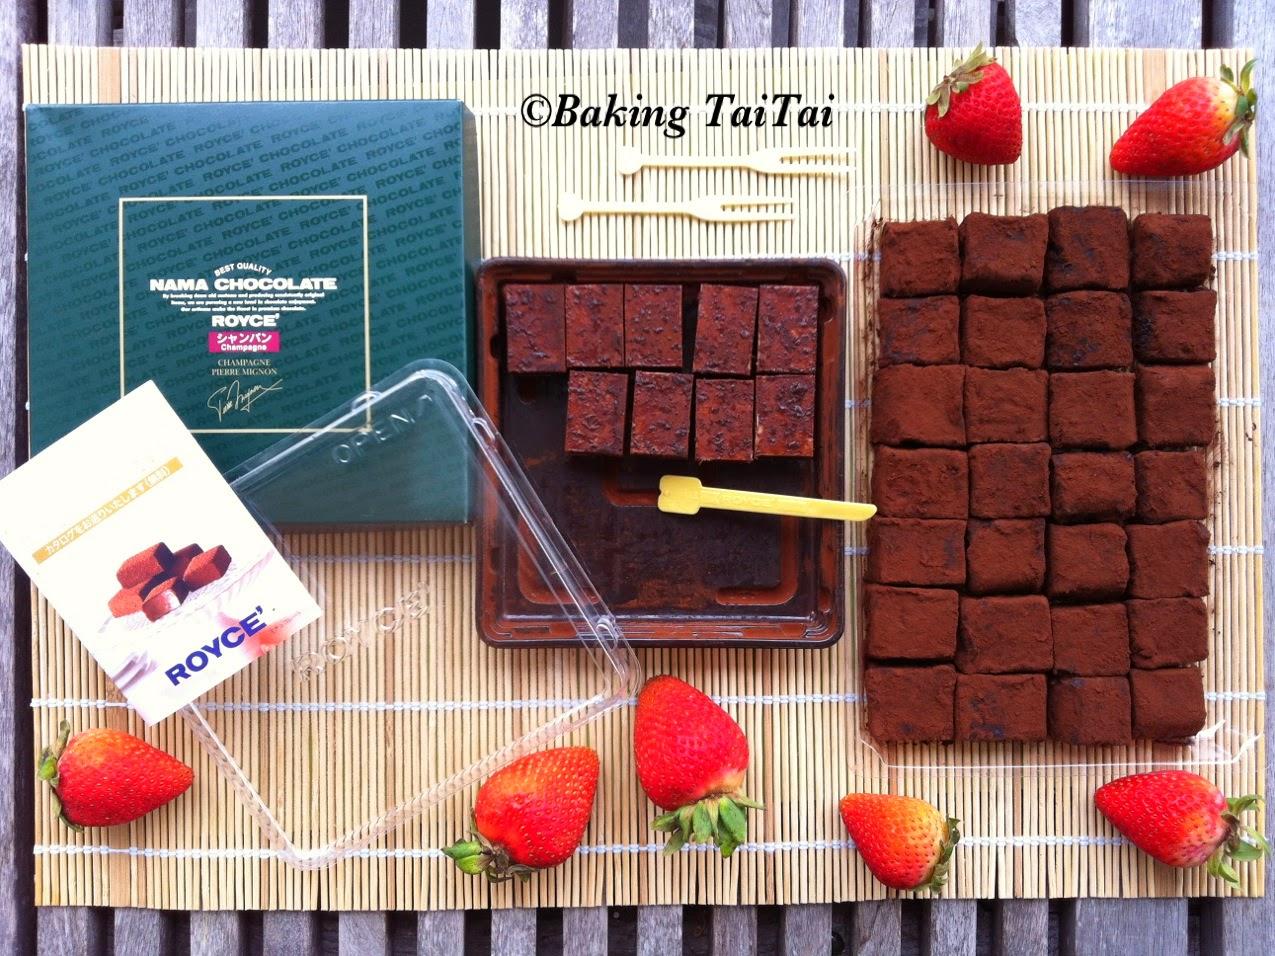 Baking Taitai 烘焙太太: Homemade Nama Chocolate